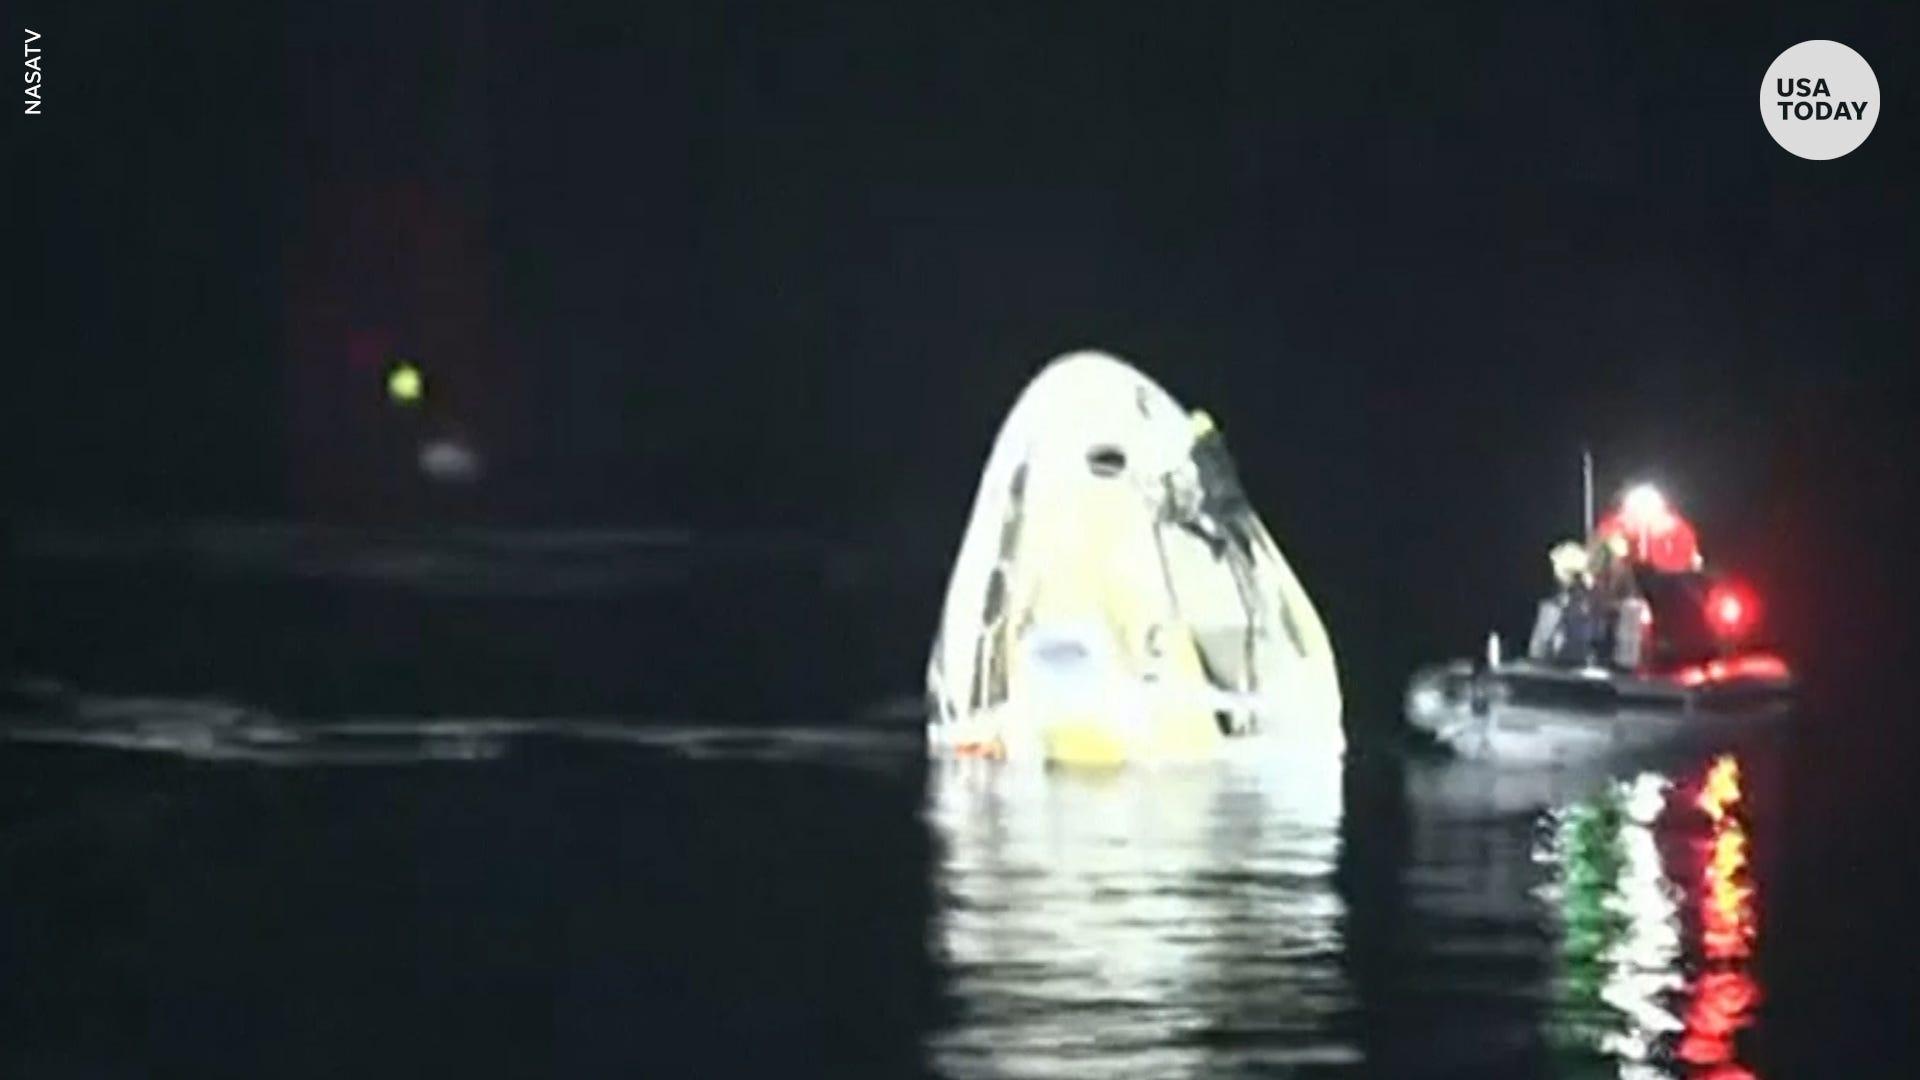 NASA astronauts return to Earth in first nighttime screening since Apollo 8